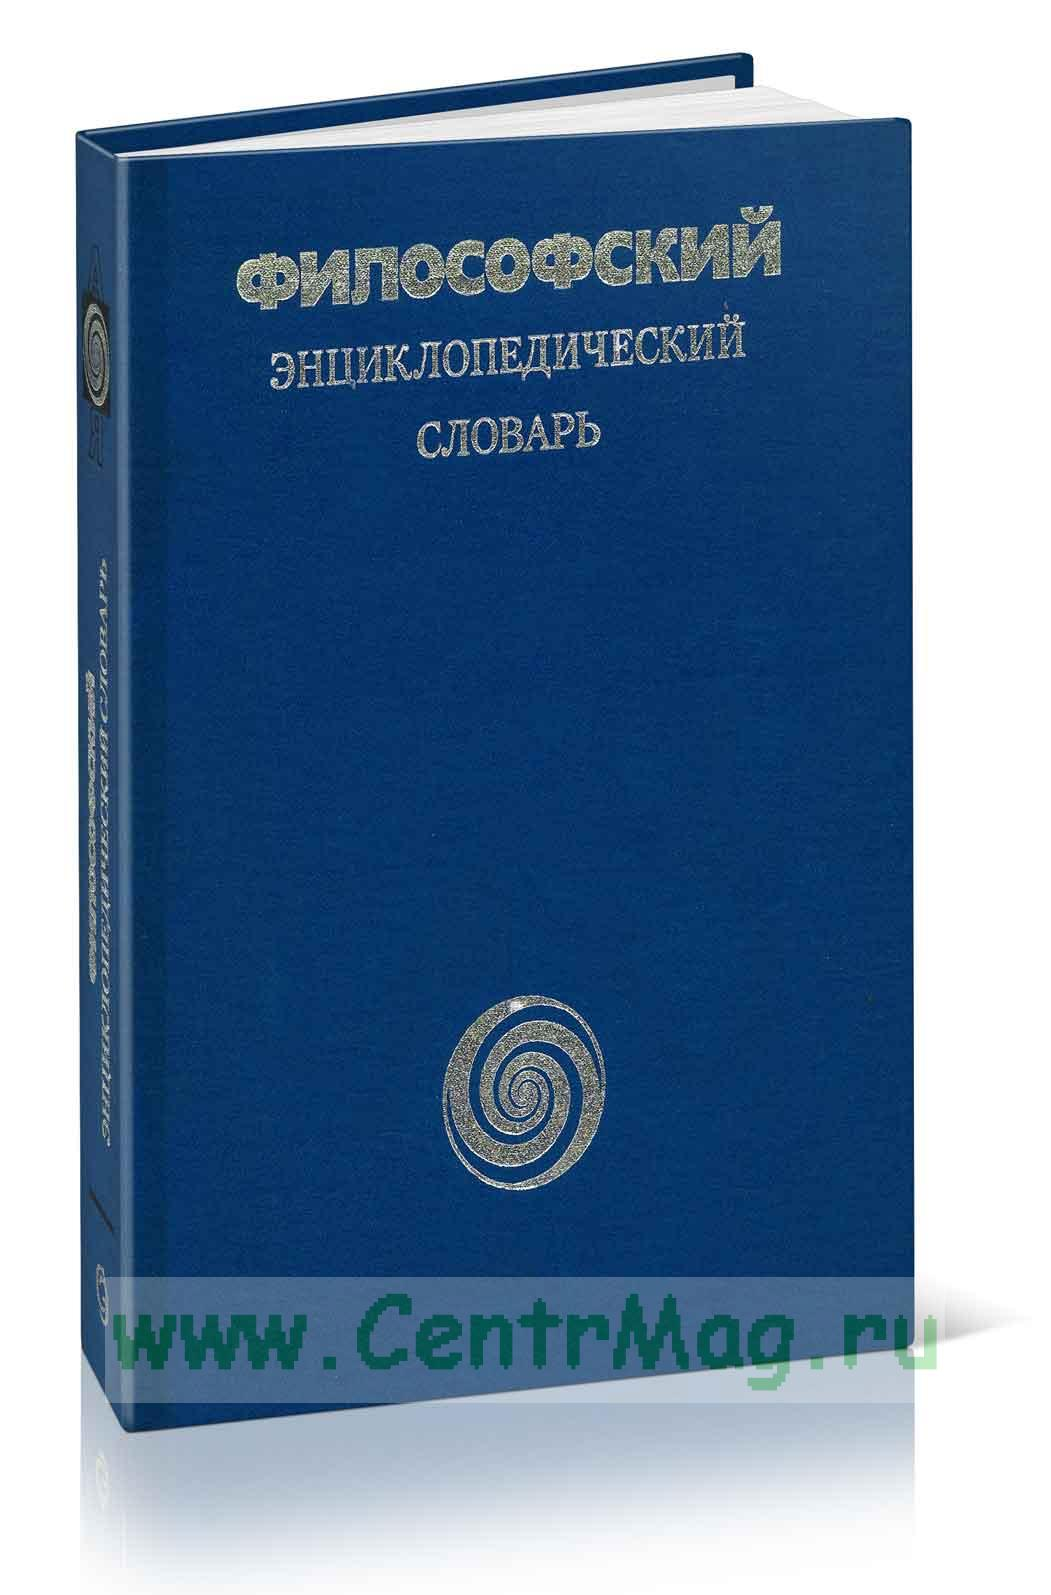 Философский энциклопедический словарь